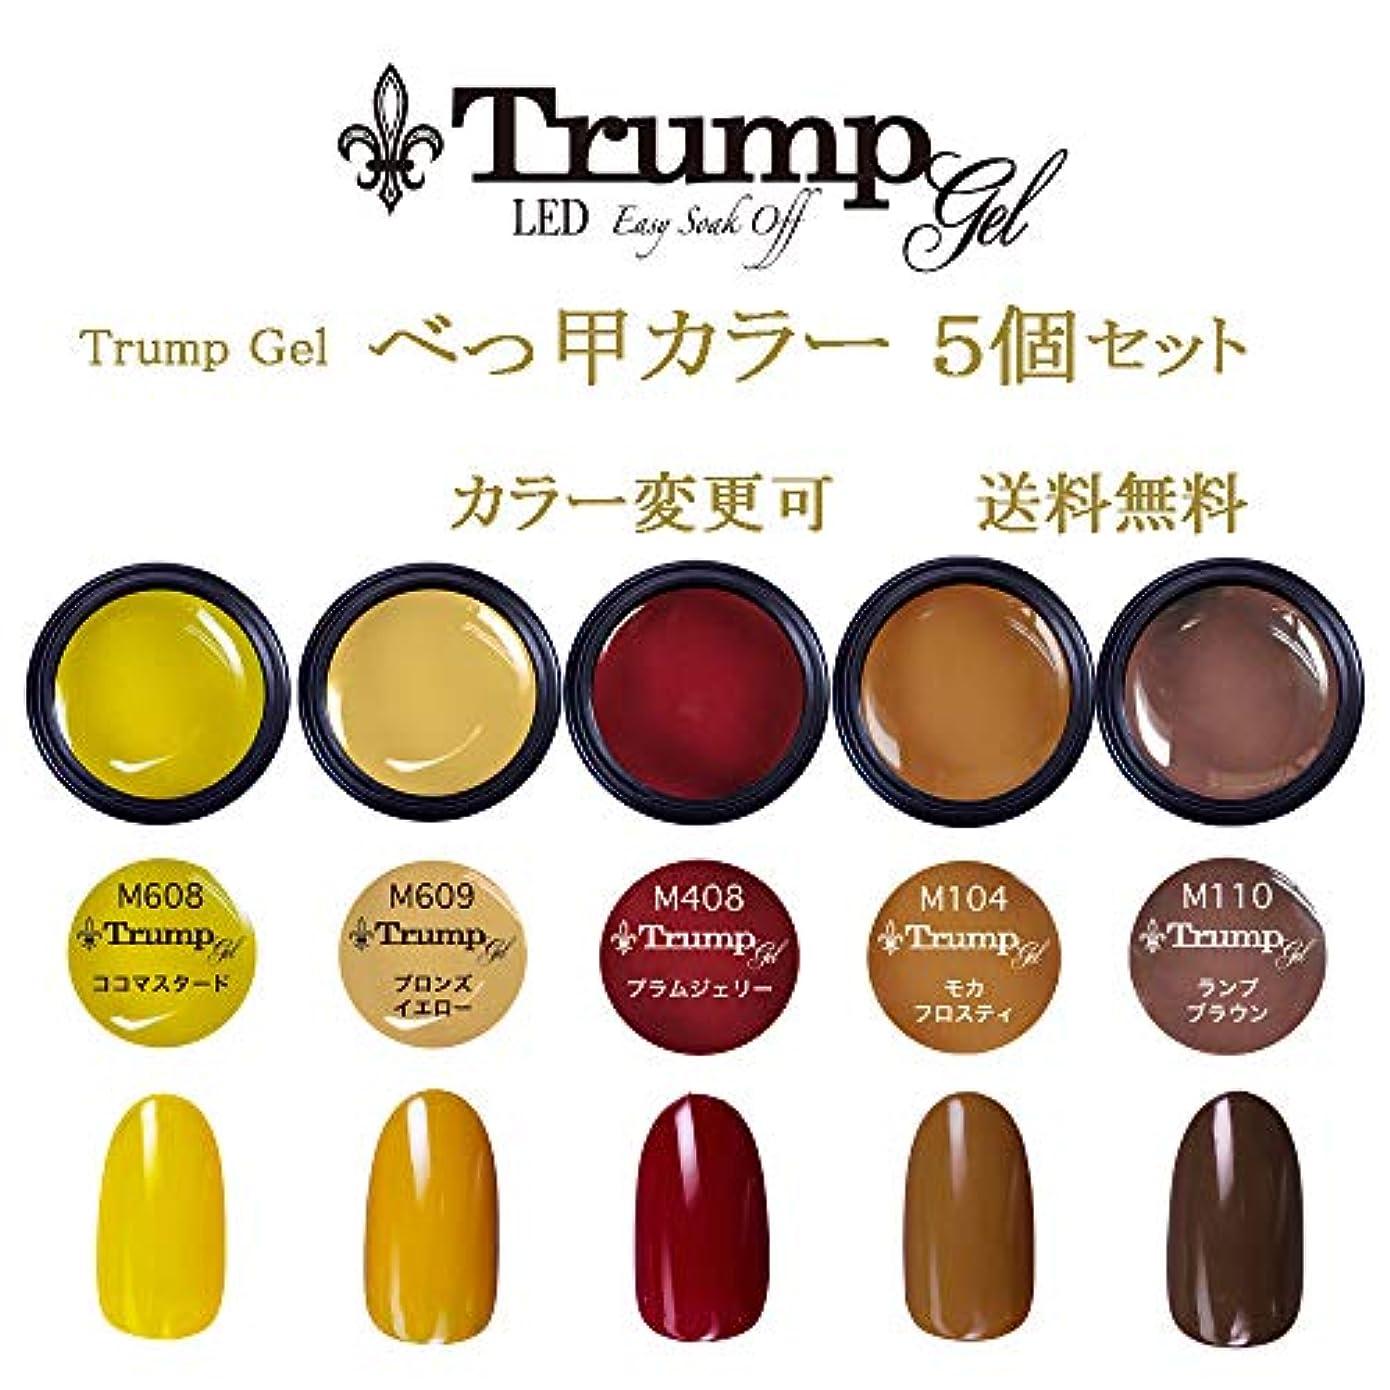 どれでもクラウド以内に【送料無料】日本製 Trump gel トランプジェル べっ甲カラー ブラウン系 選べる カラージェル 5個セット べっ甲ネイル ベージュ ブラウン マスタード カラー